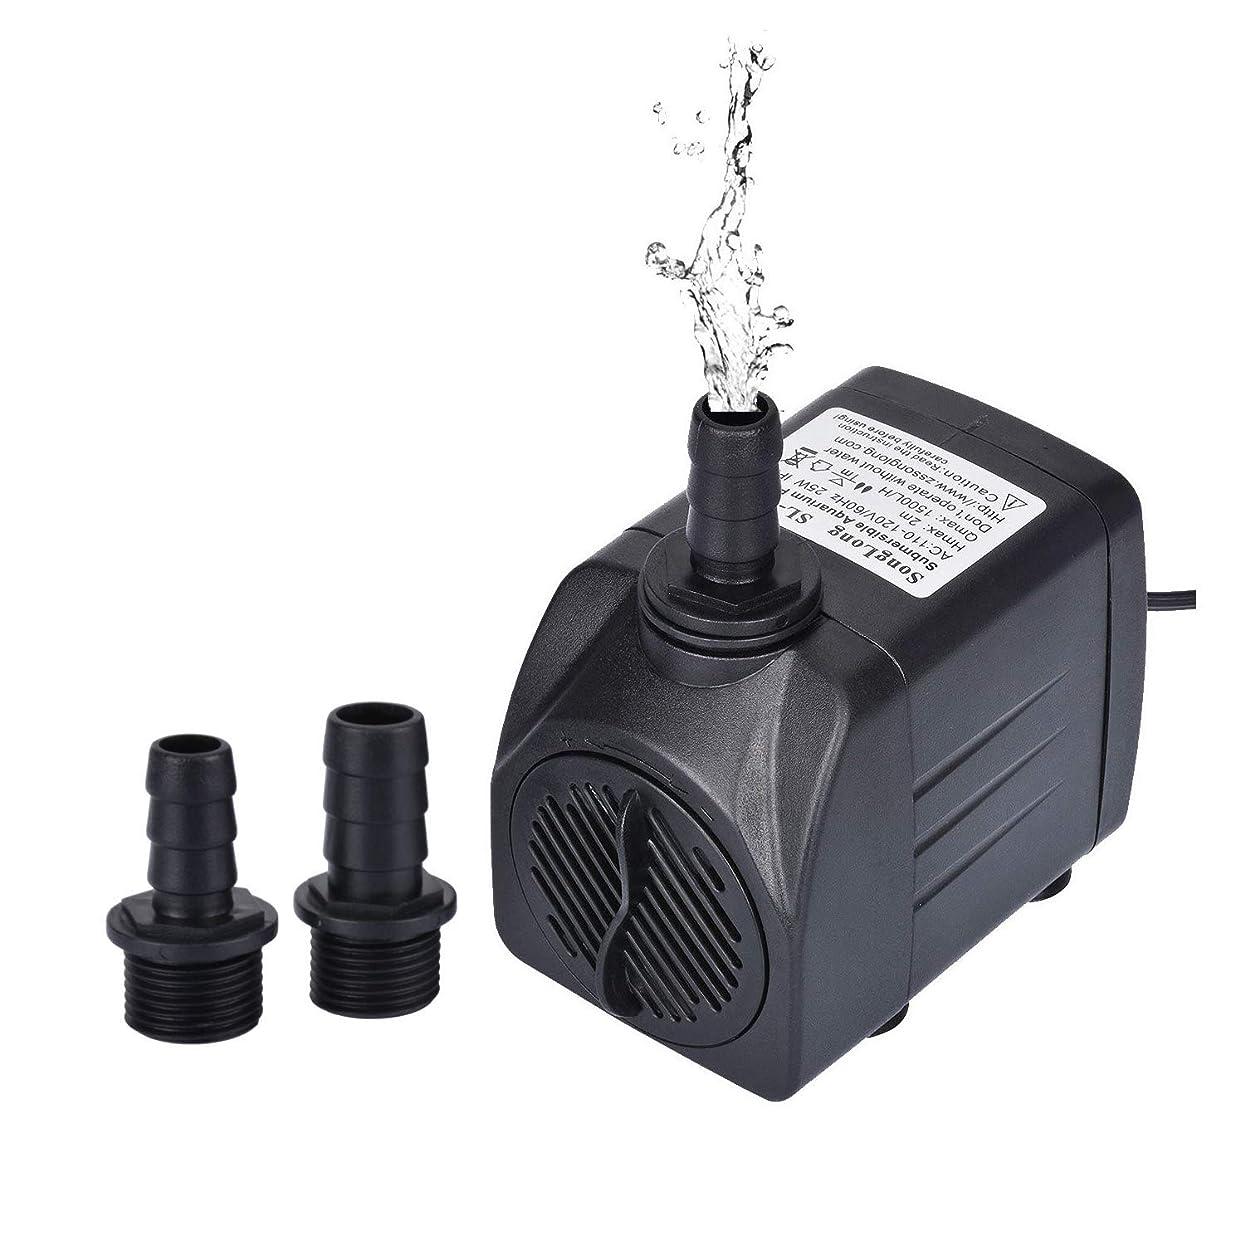 お誕生日害虫タップ水中ポンプ 25W 流量1500L/H 揚程1.3-2M ミニポンプ 静音 流量調整可能 淡水海水 給水?排水ポンプ?循環ポンプ 小型 潜水インストール プール アクアリウム 水槽用 家庭用 水族館給水 小噴水池 吸盤付き Y370